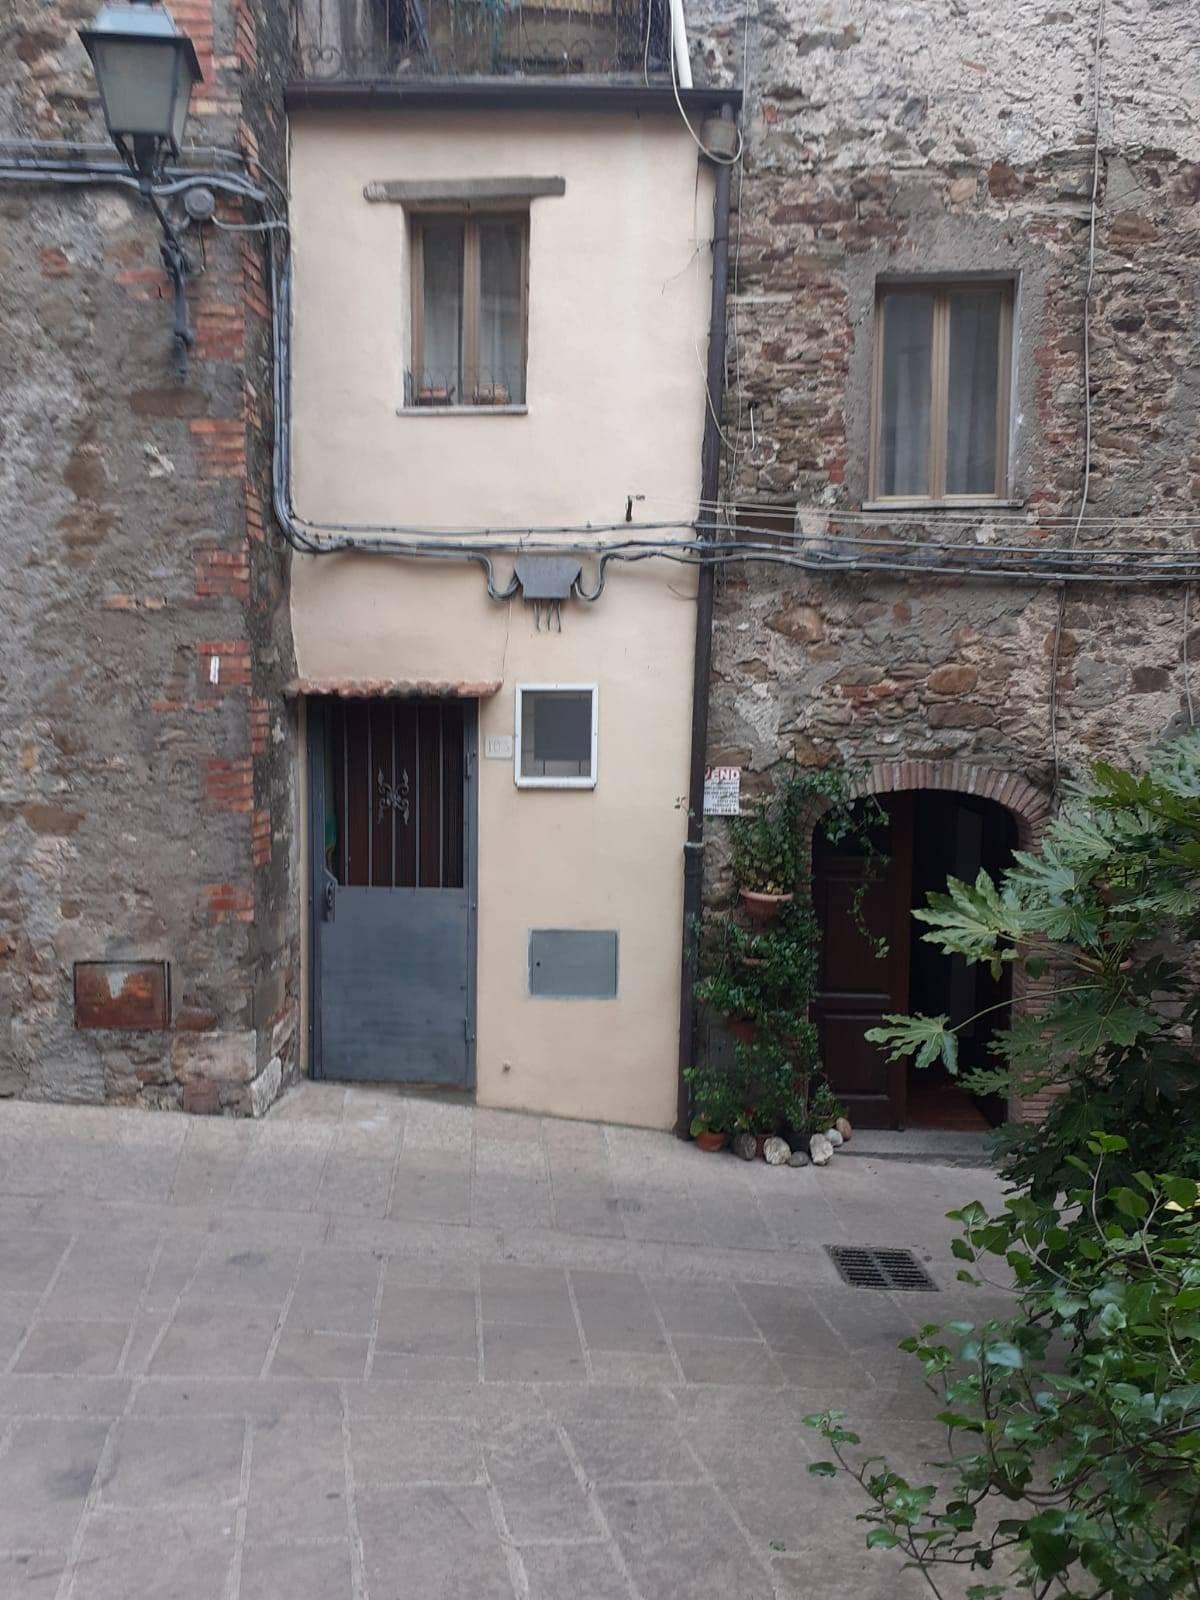 Appartamento in vendita a Manciano, 4 locali, zona Zona: Montemerano, prezzo € 75.000 | CambioCasa.it